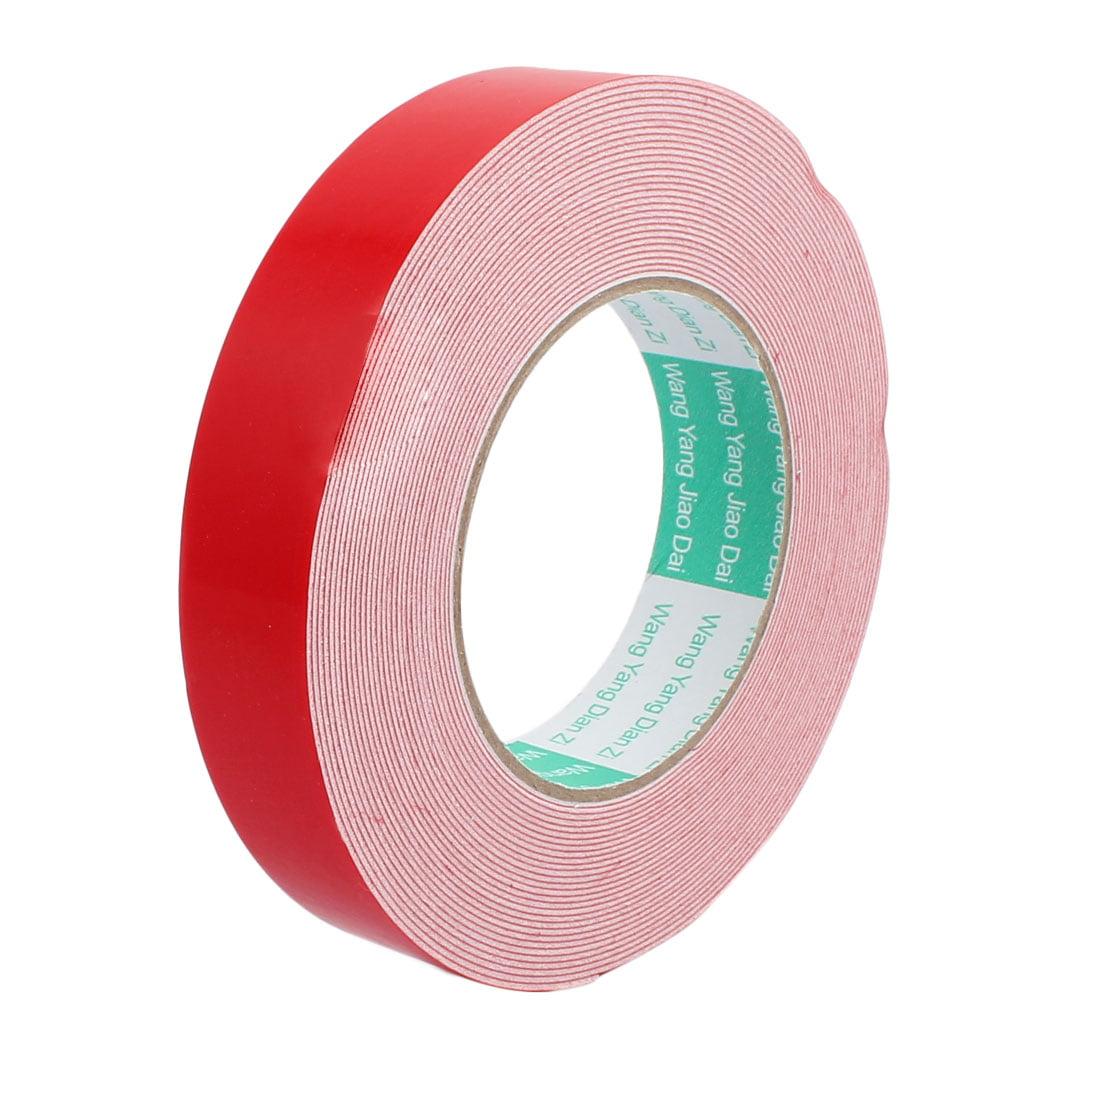 Door Seal 25mmx1mm Dual-side Adhesive Shockproof Sponge Foam Tape 10M Length